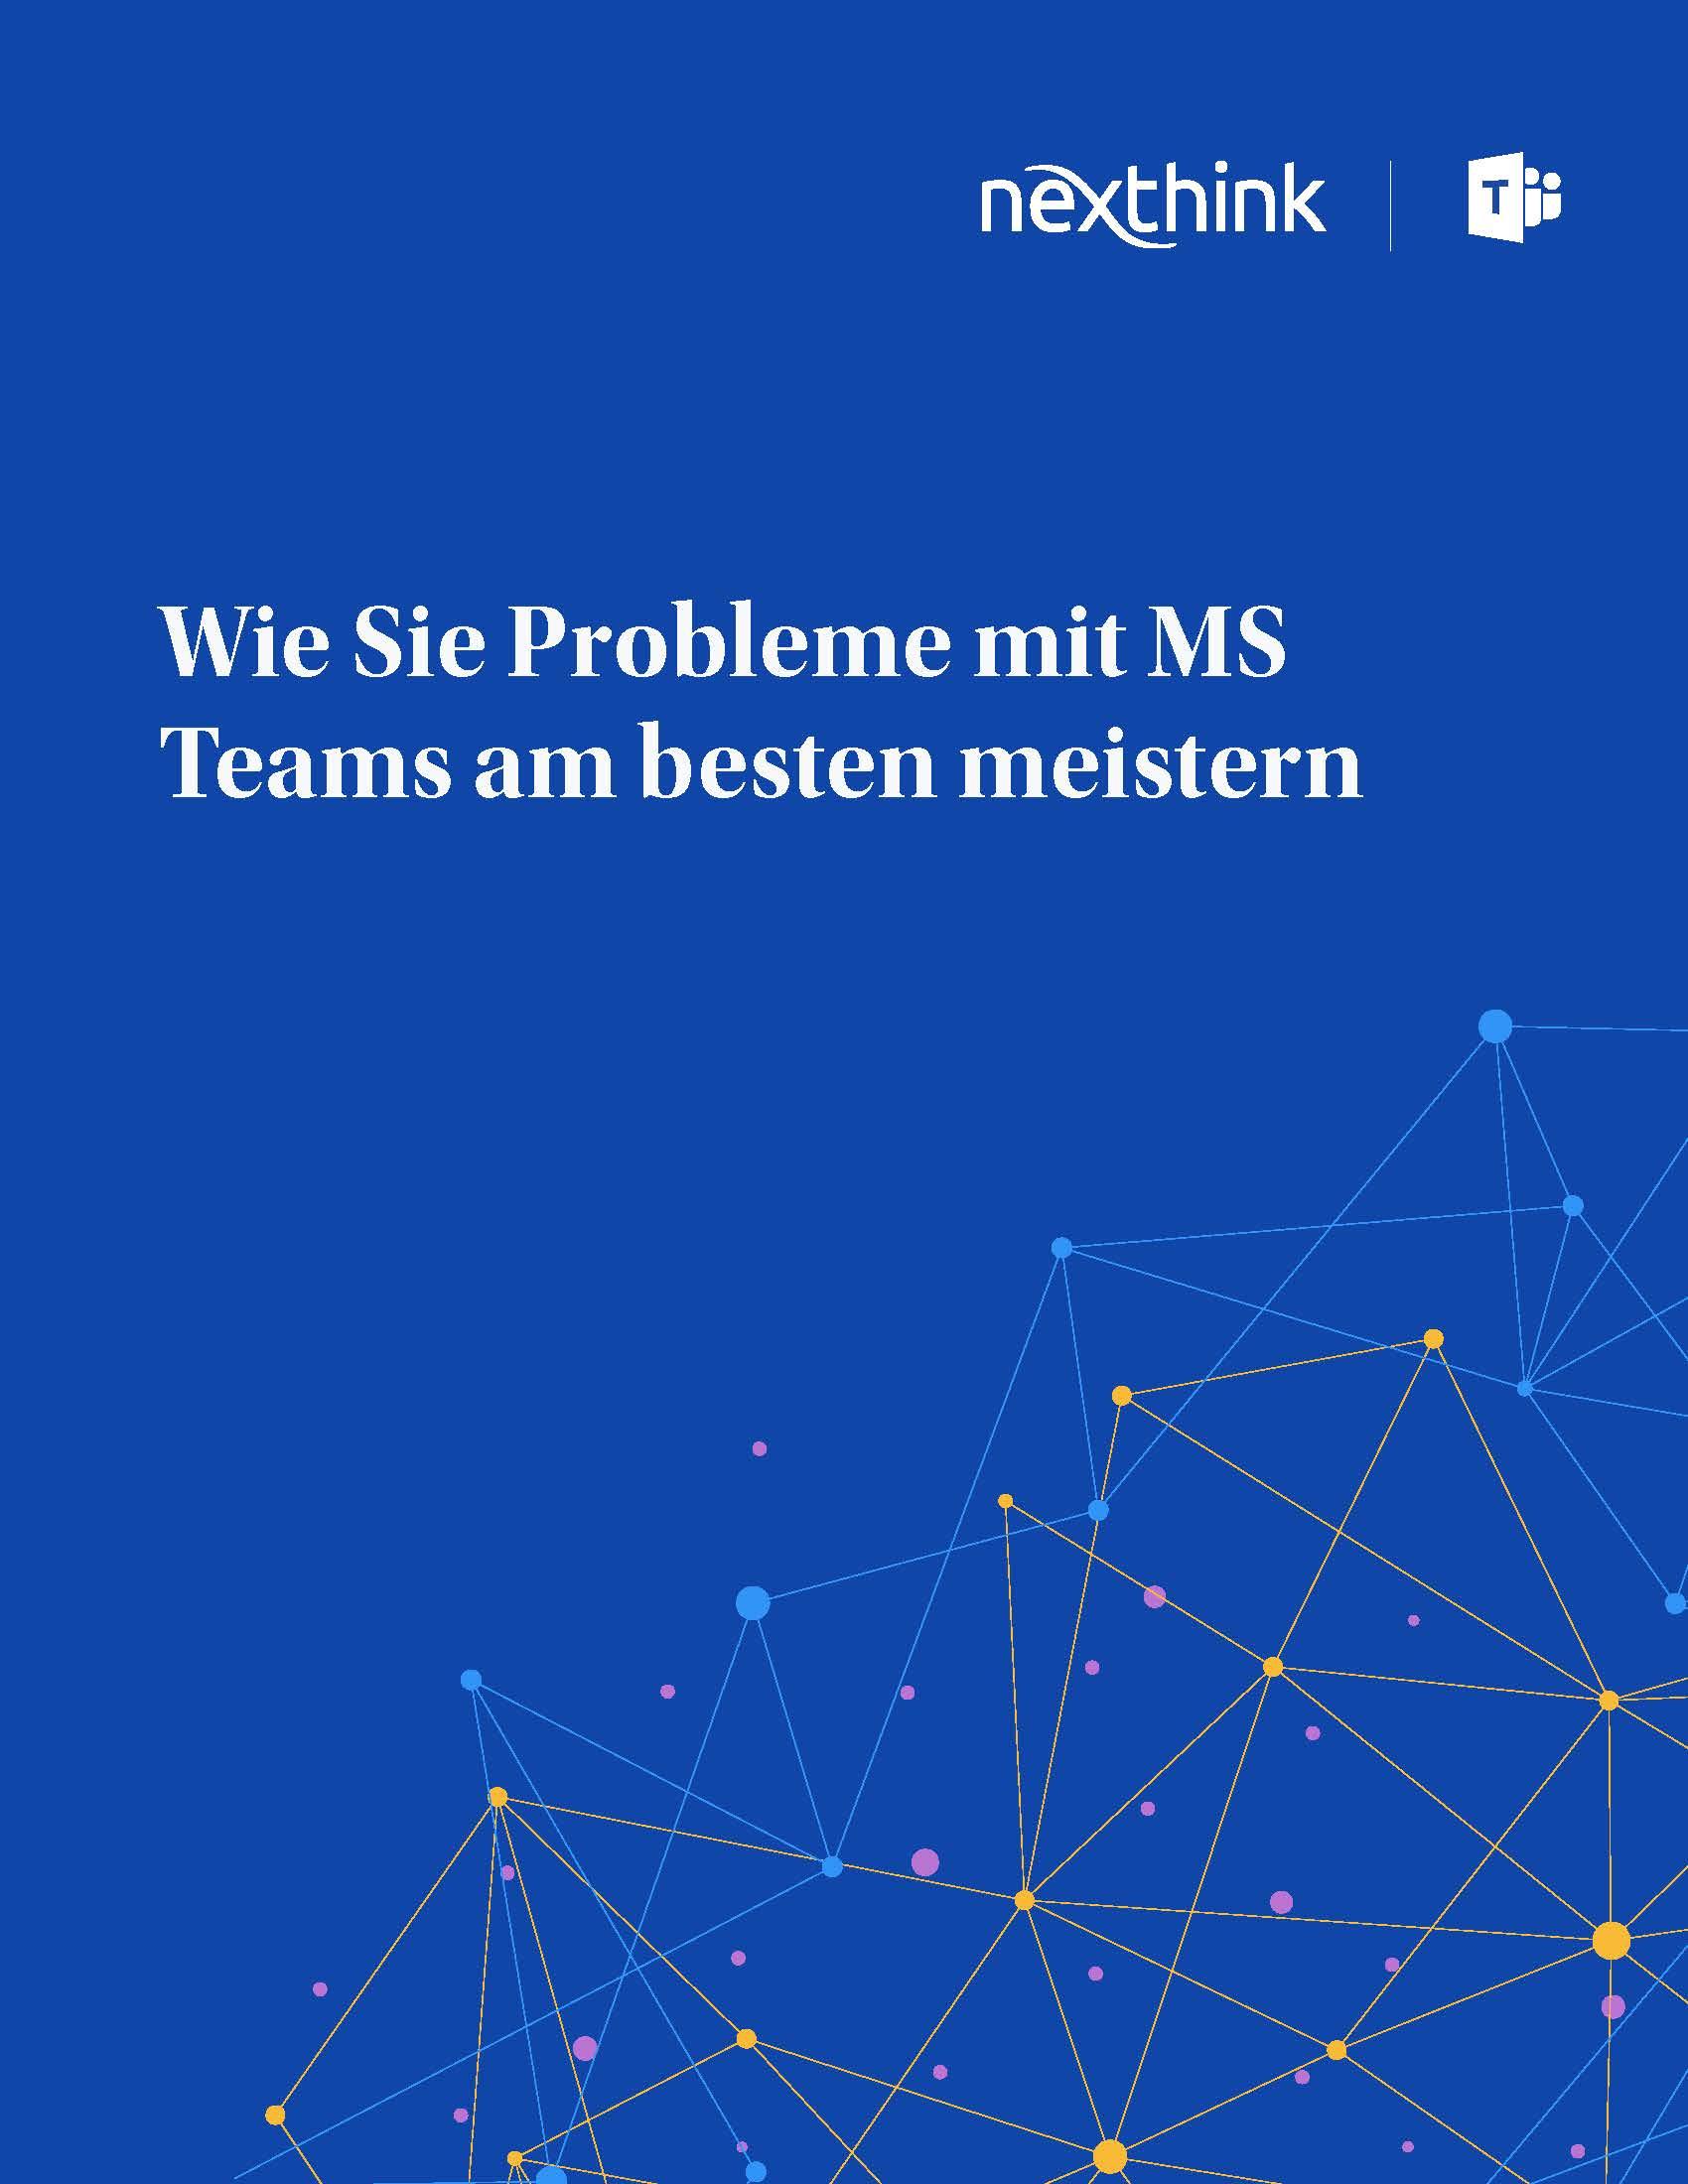 Wie Sie Probleme mit MS Teams am besten meistern